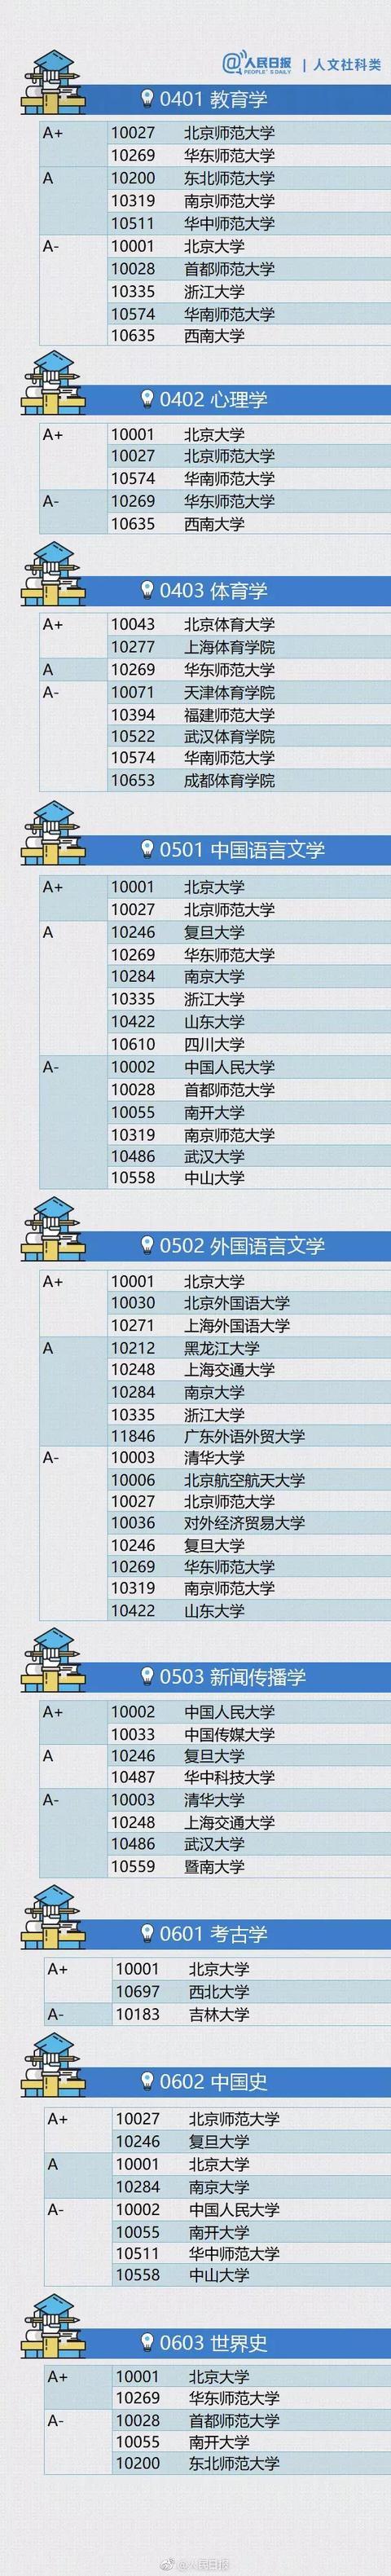 山西志愿填报前必看!最全整理!各专业排名顶尖的大学名单